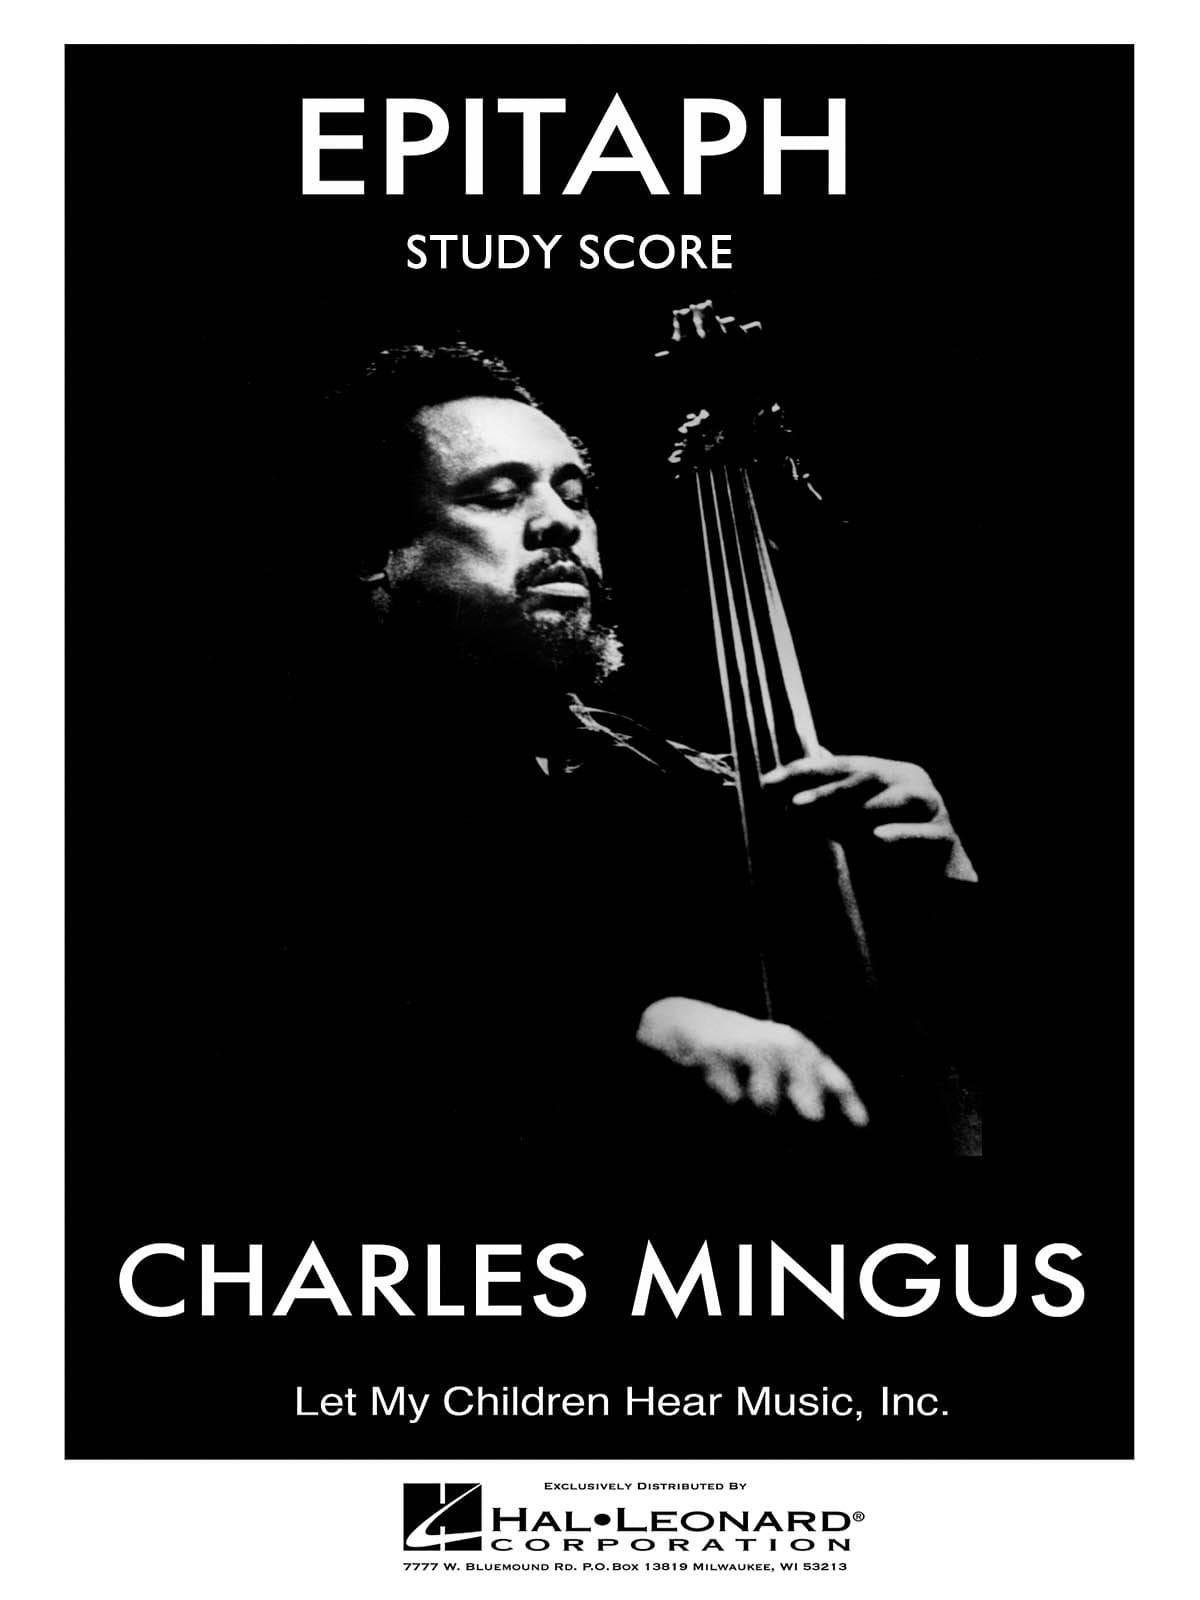 Epitaph - Study Score - Charles Mingus - Partition - laflutedepan.com